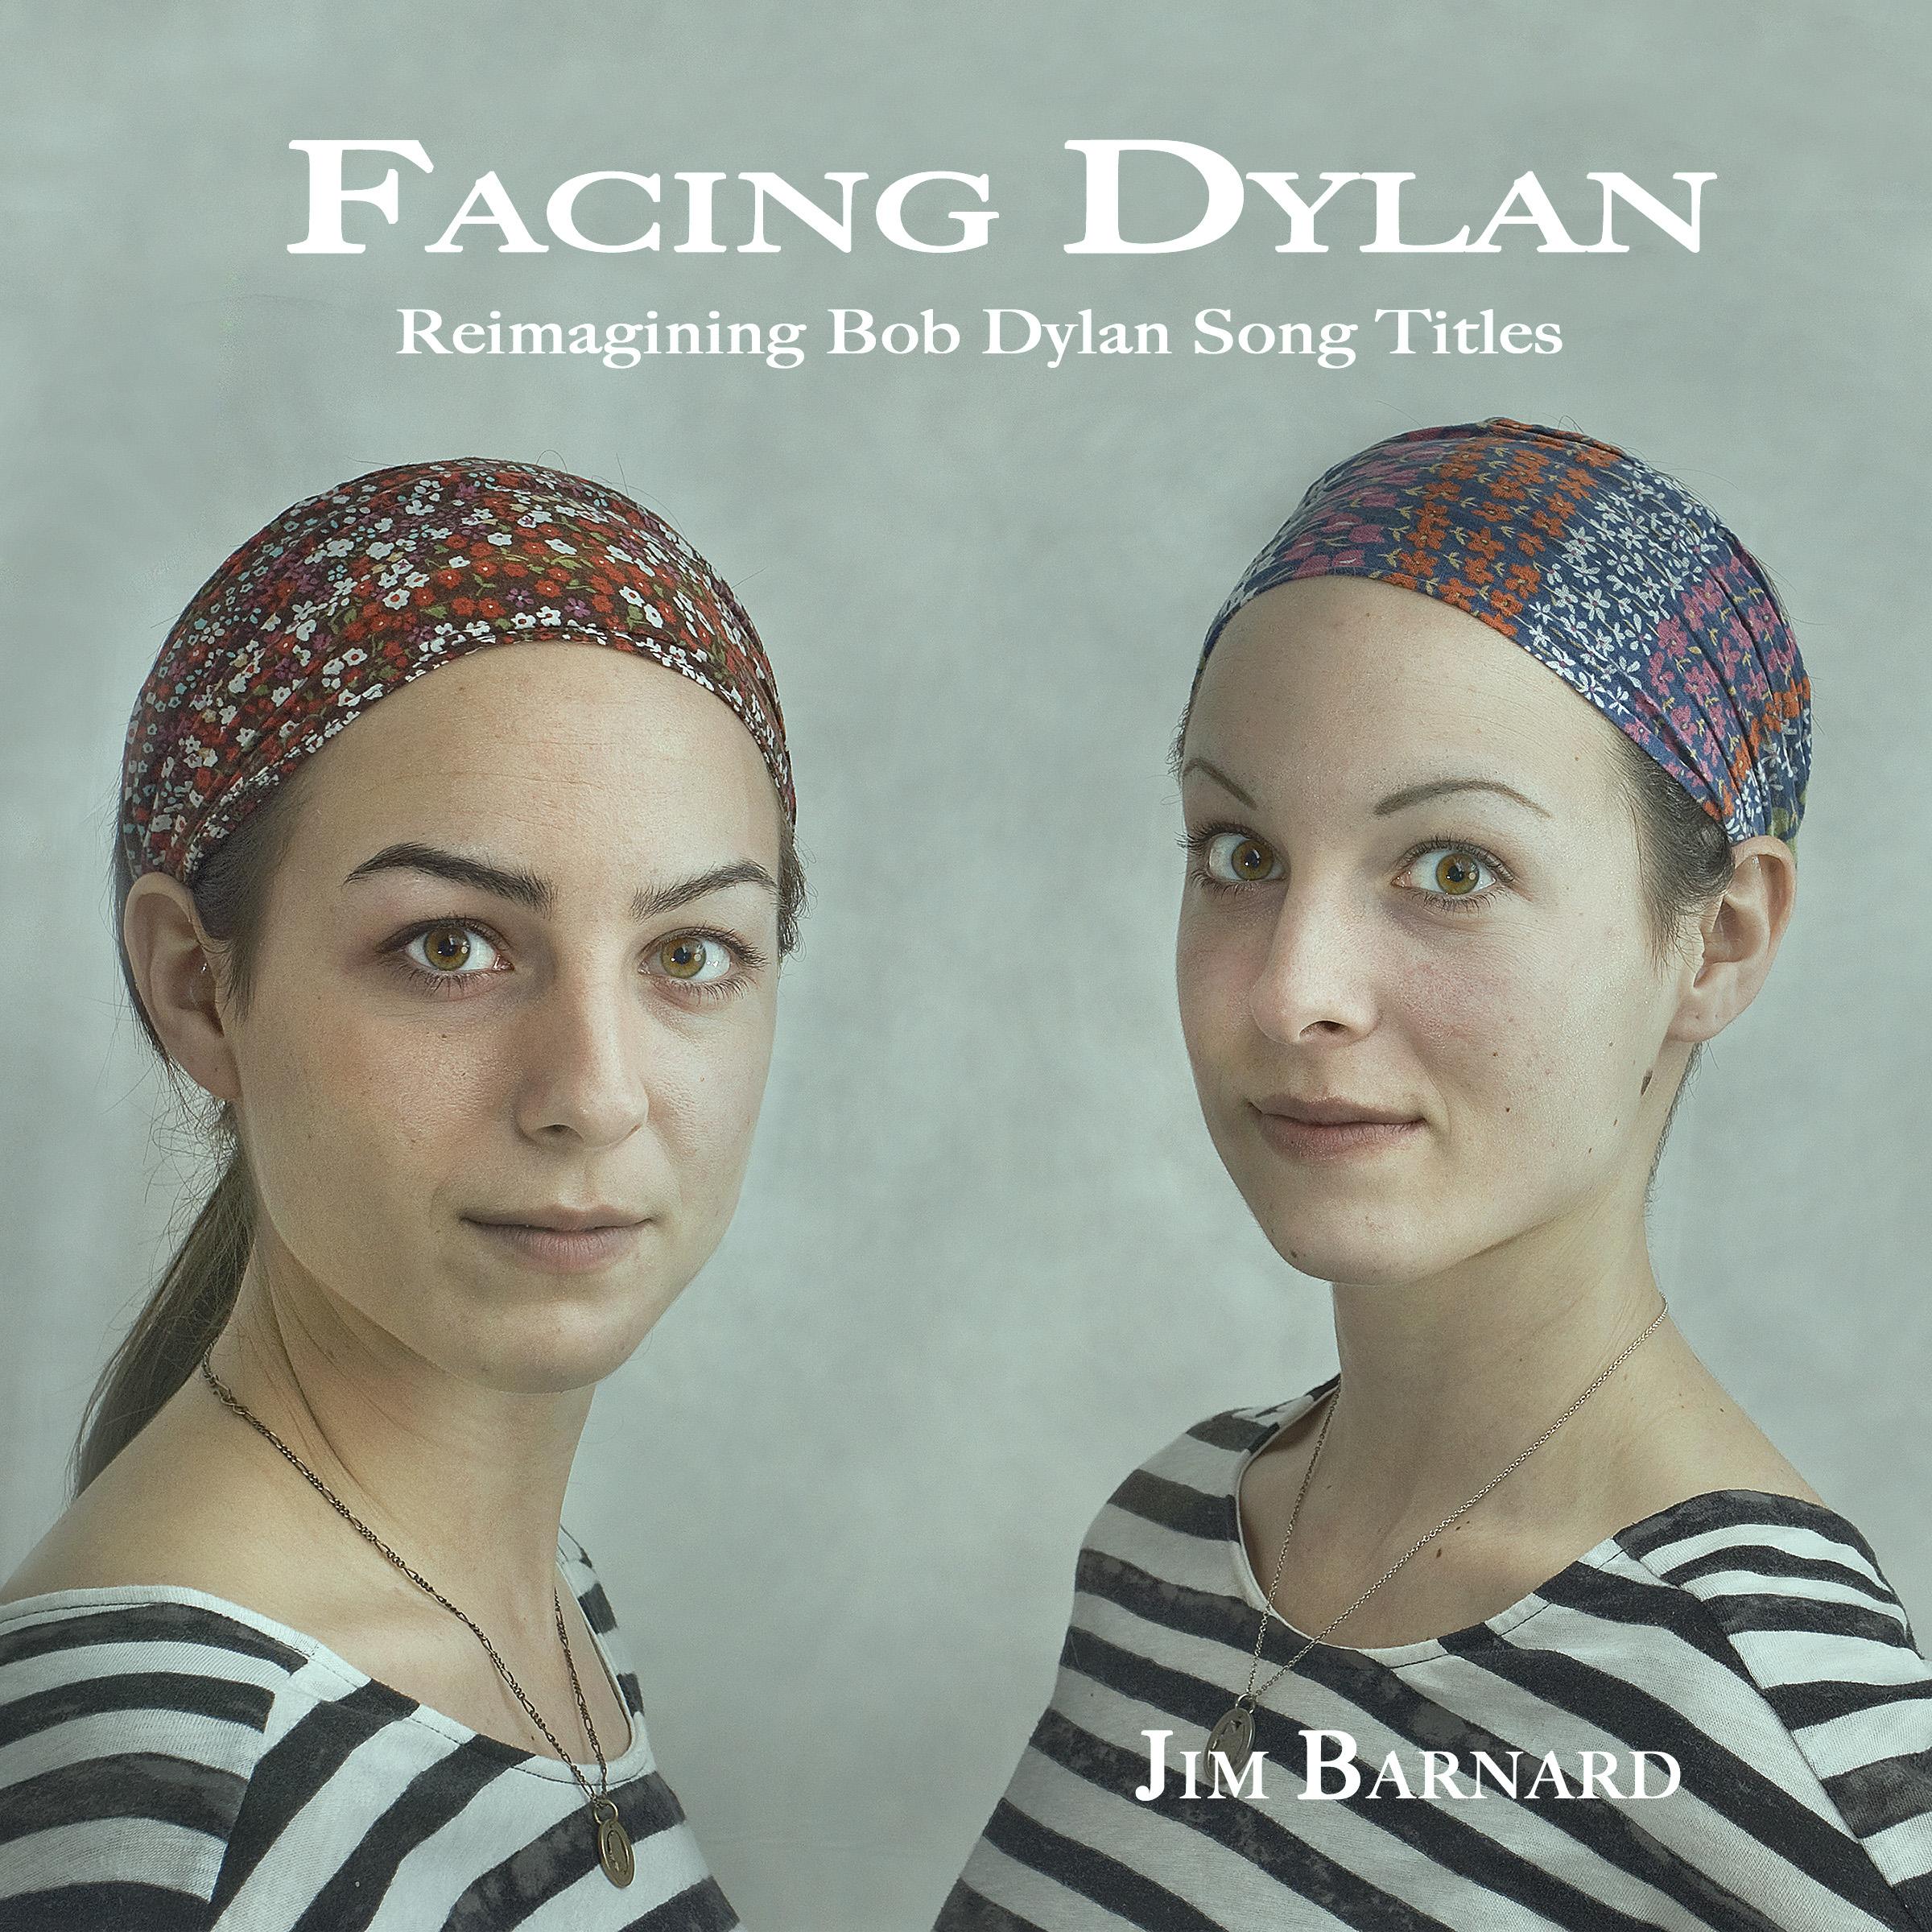 Facing Dylan